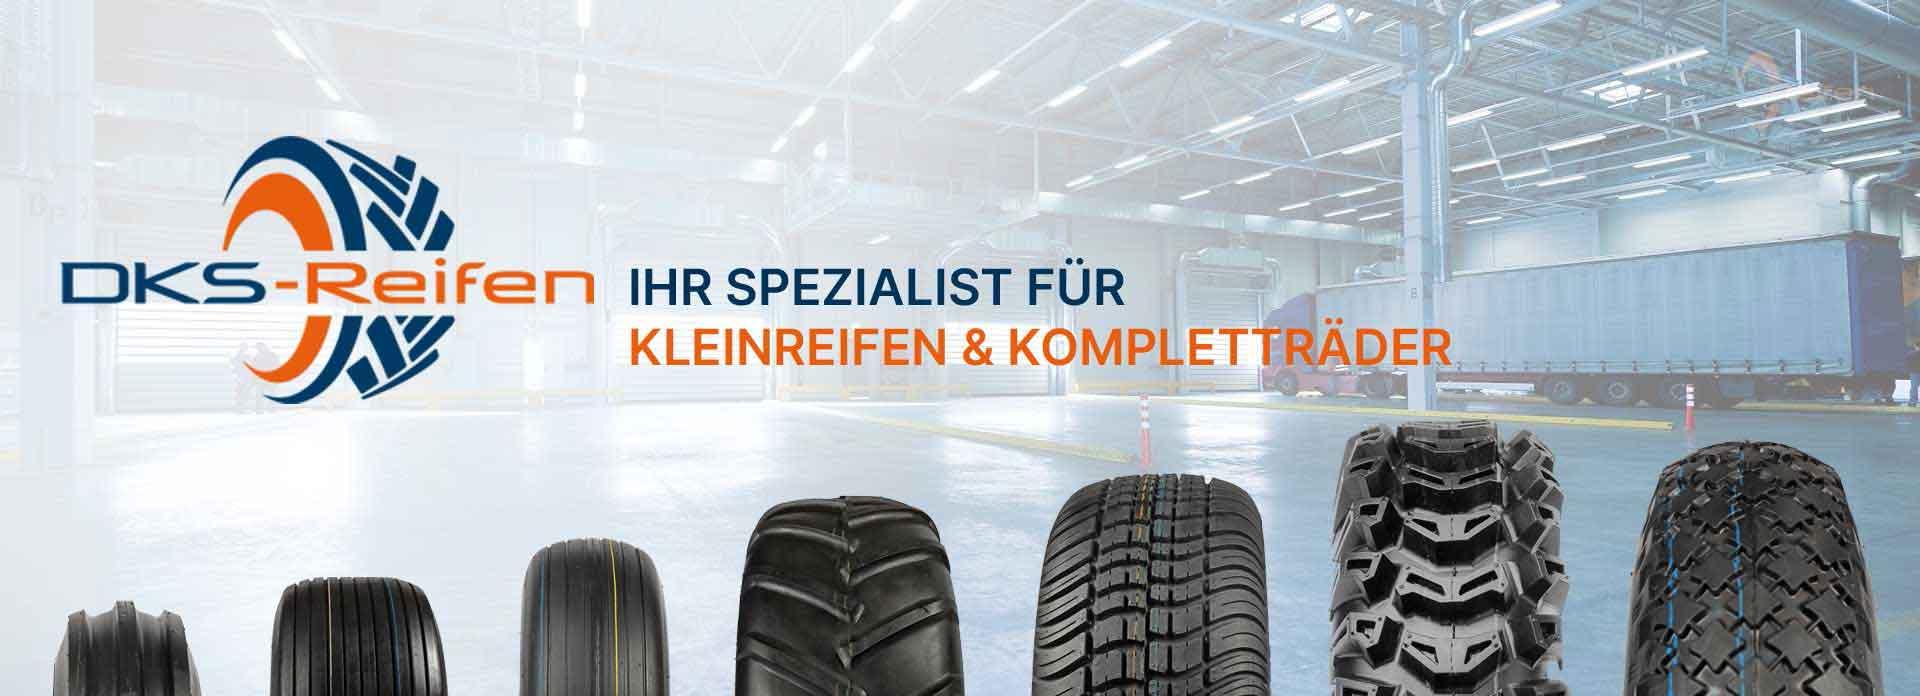 DKS Reifen Warungsmodus